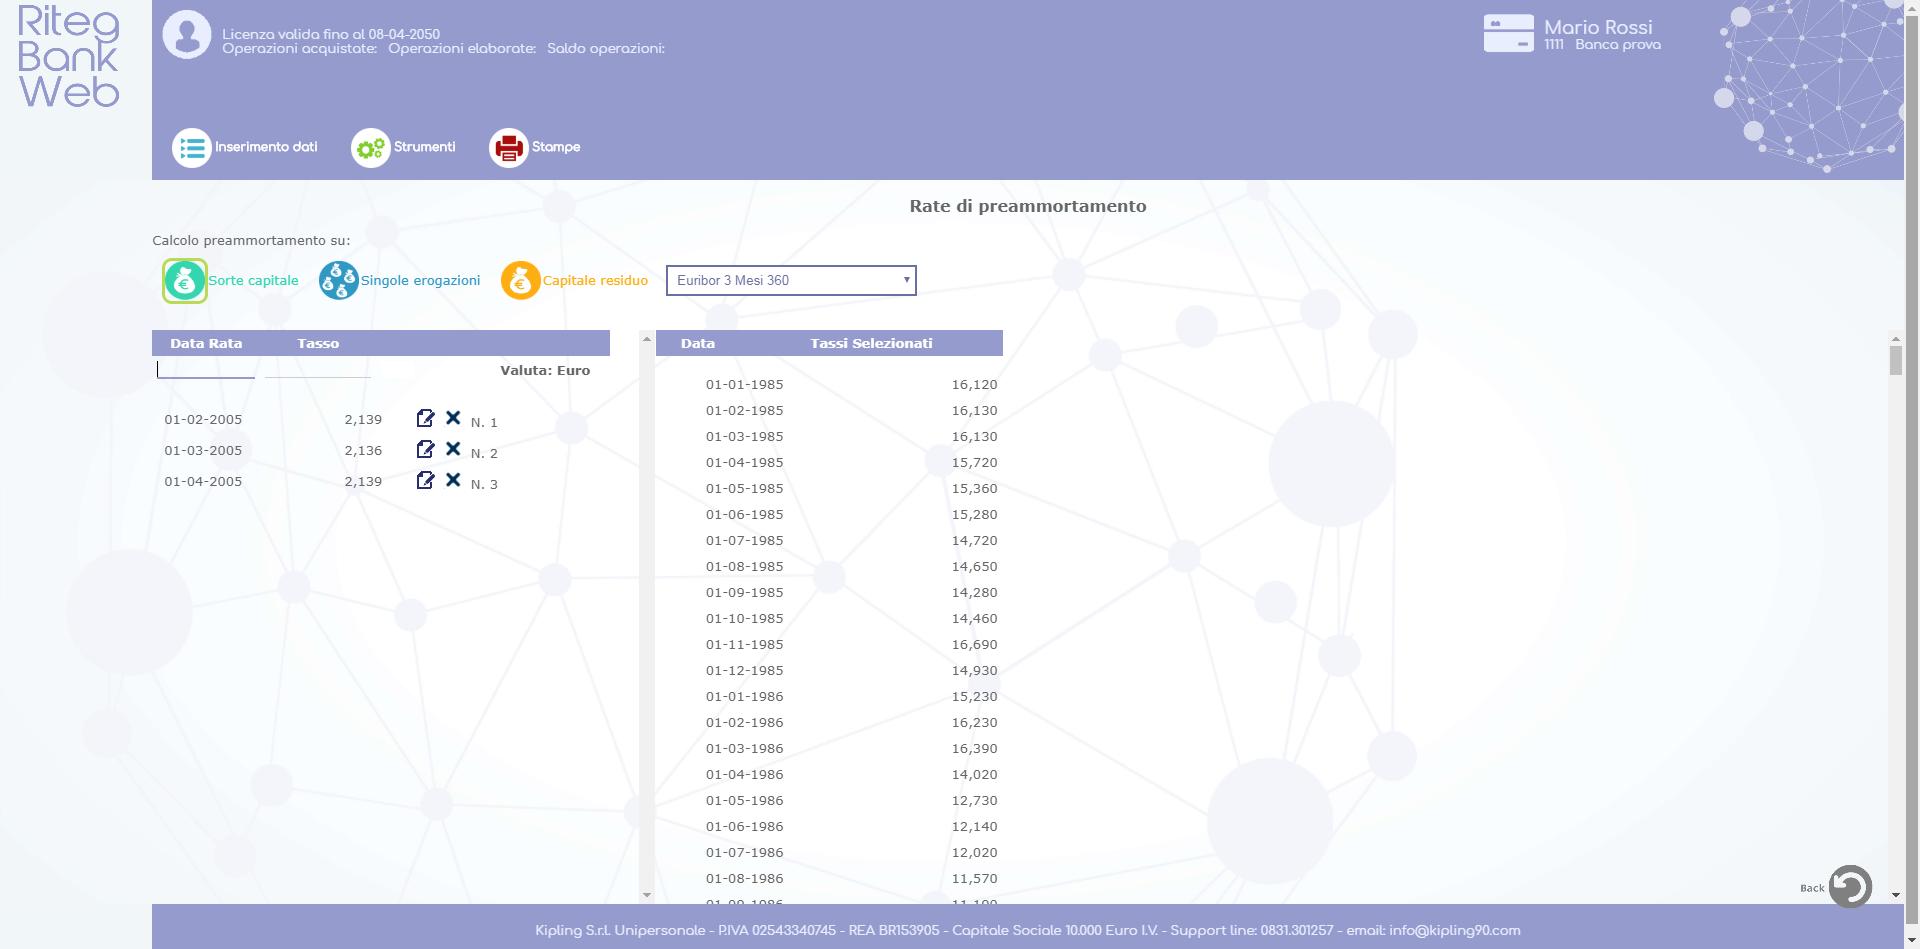 Riteg Bank Web - Rate di preammortamento